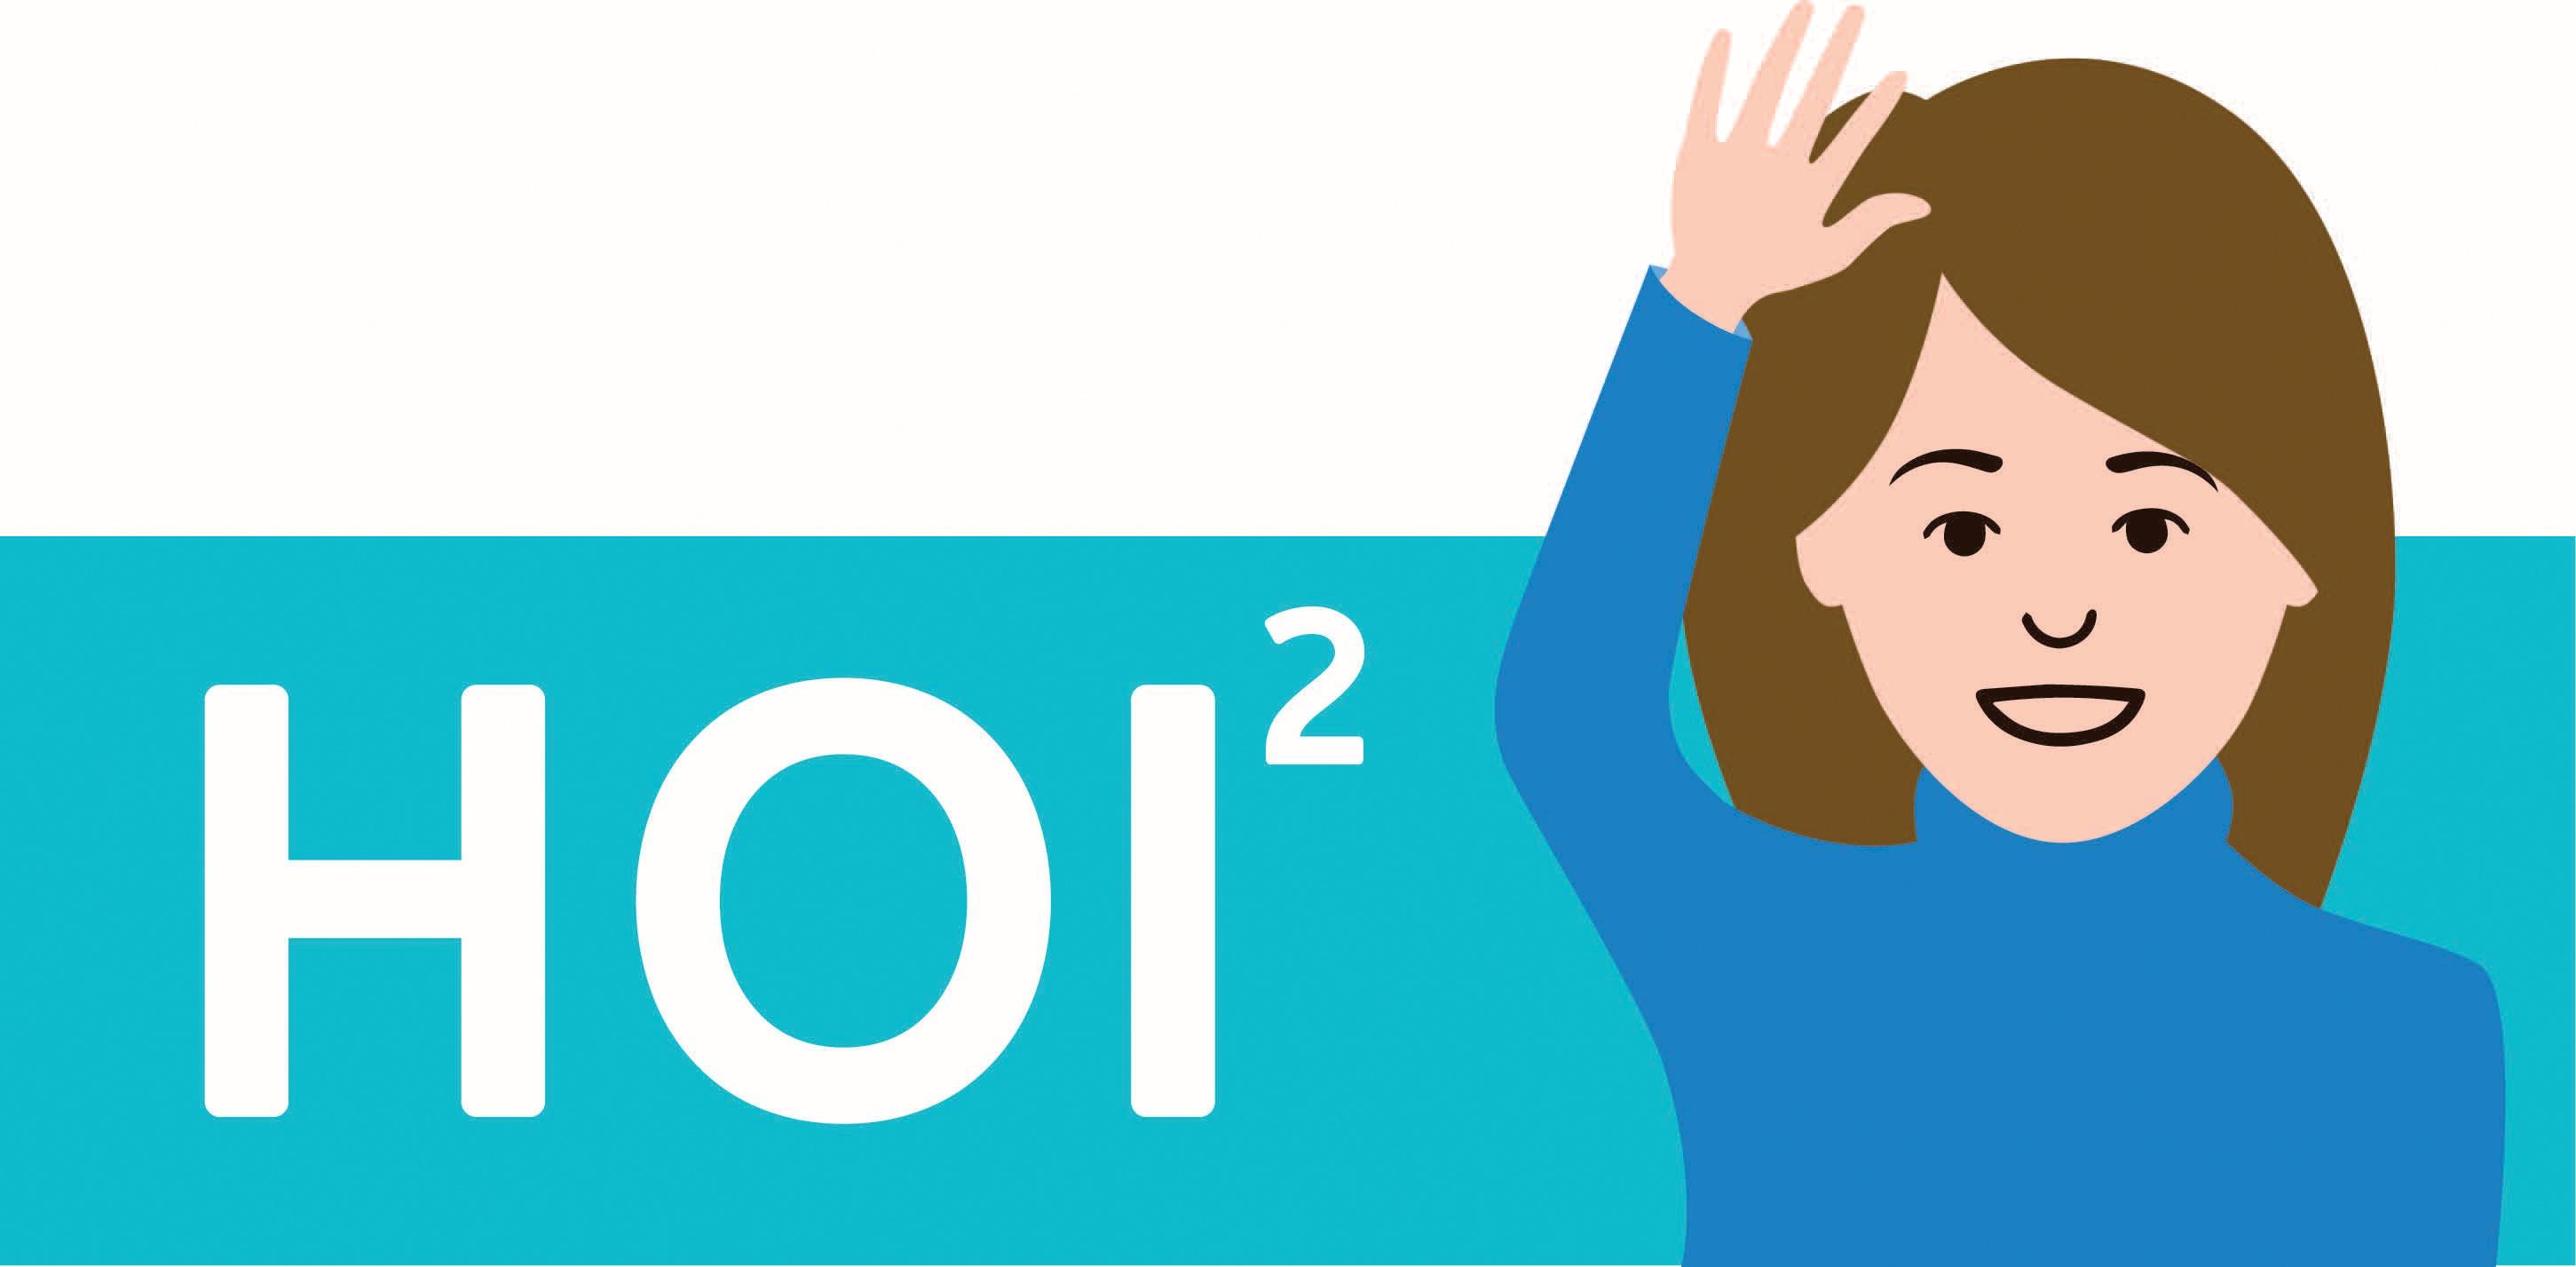 HOI2 logo